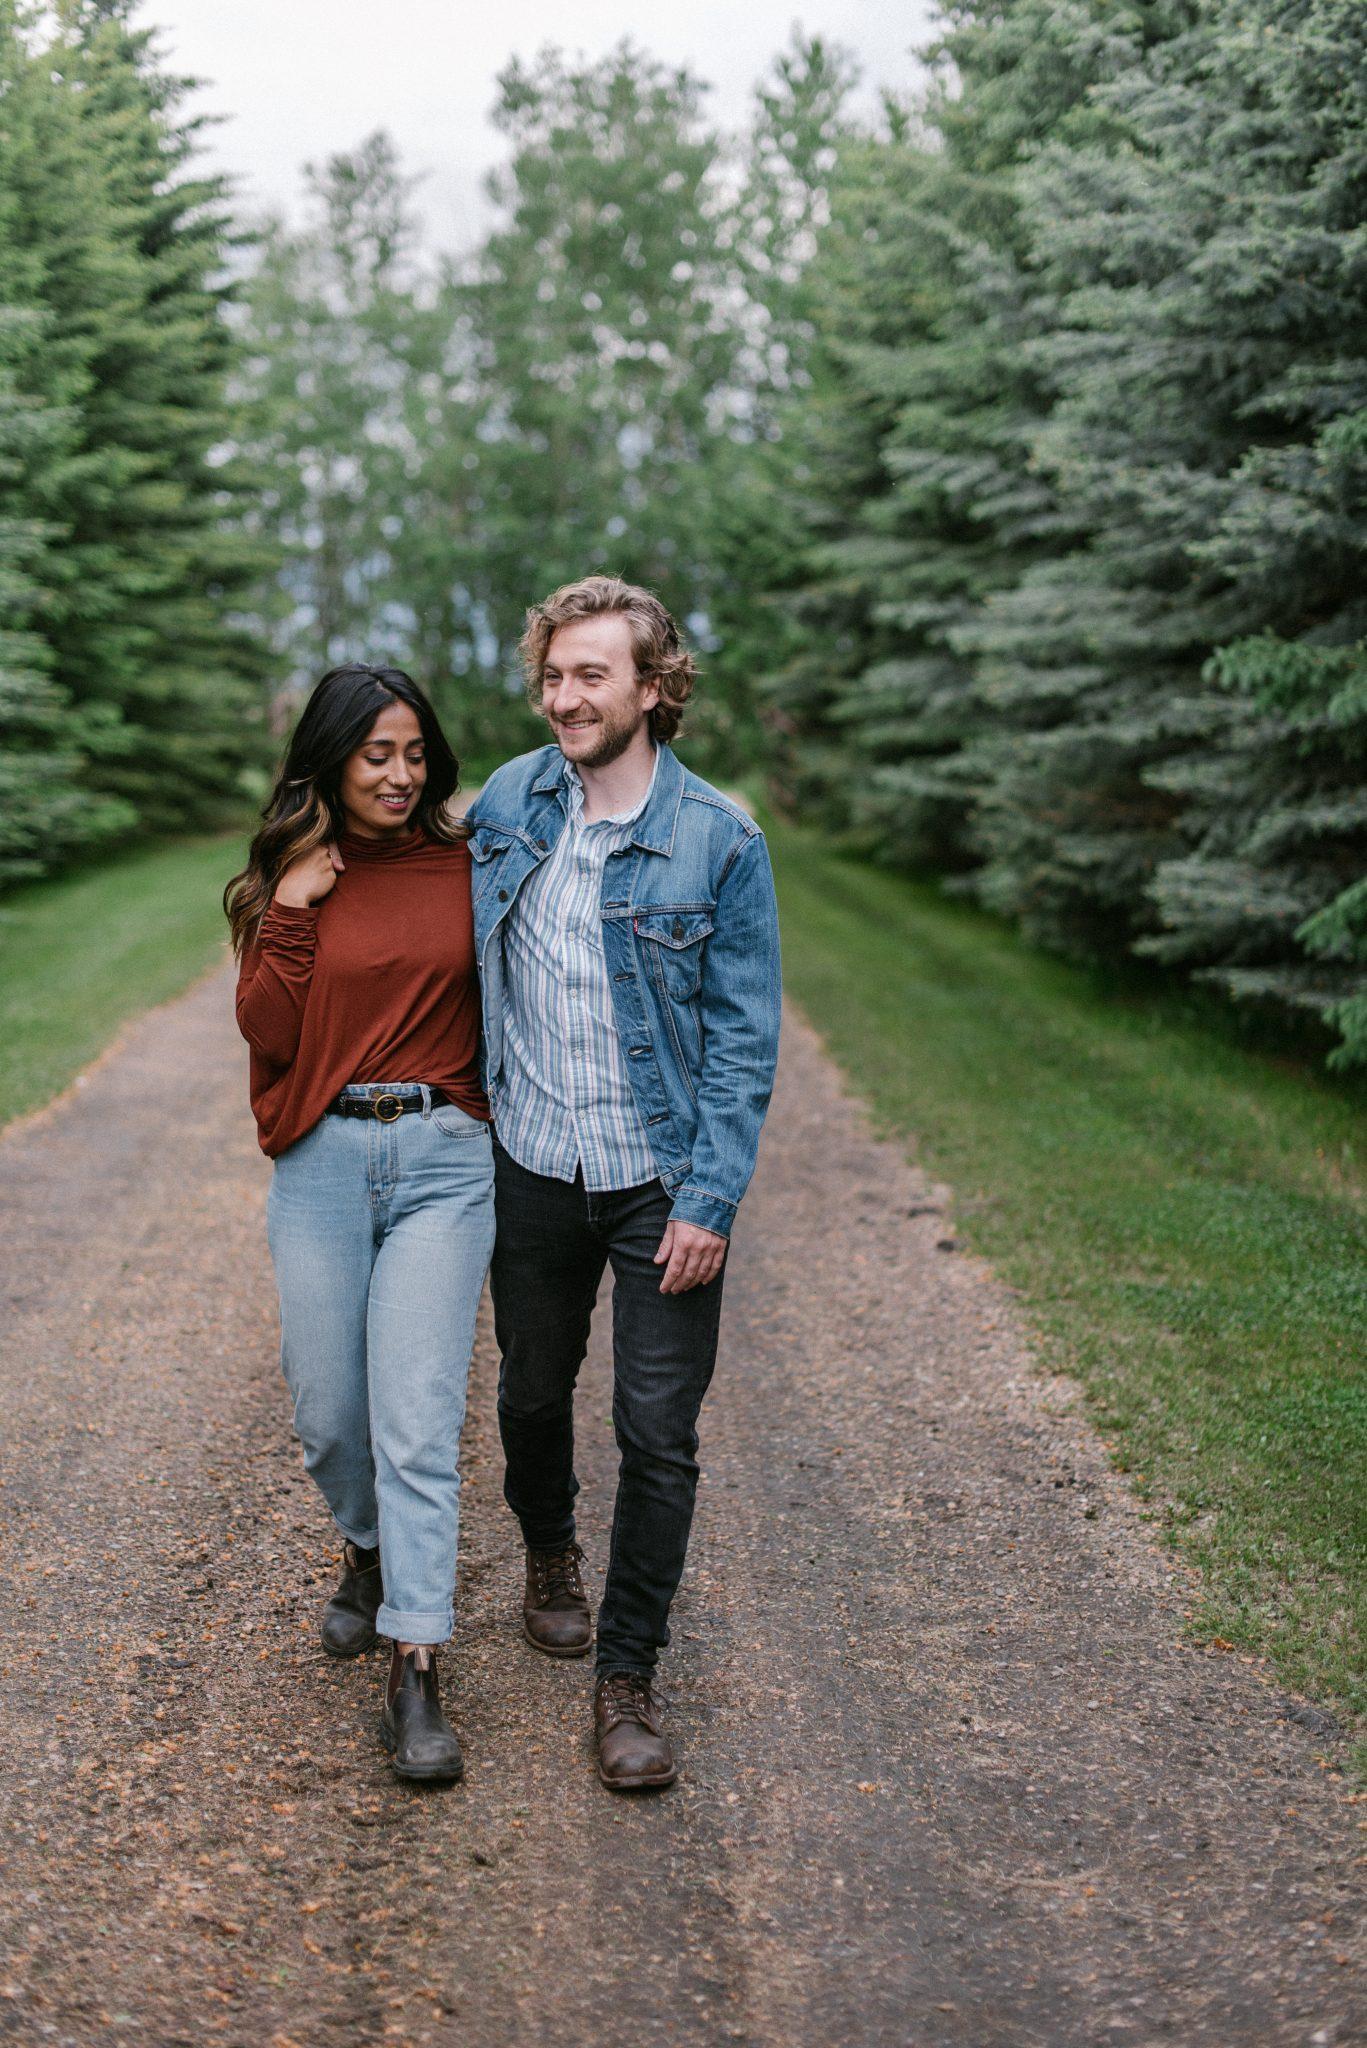 Edmonton portrait photography